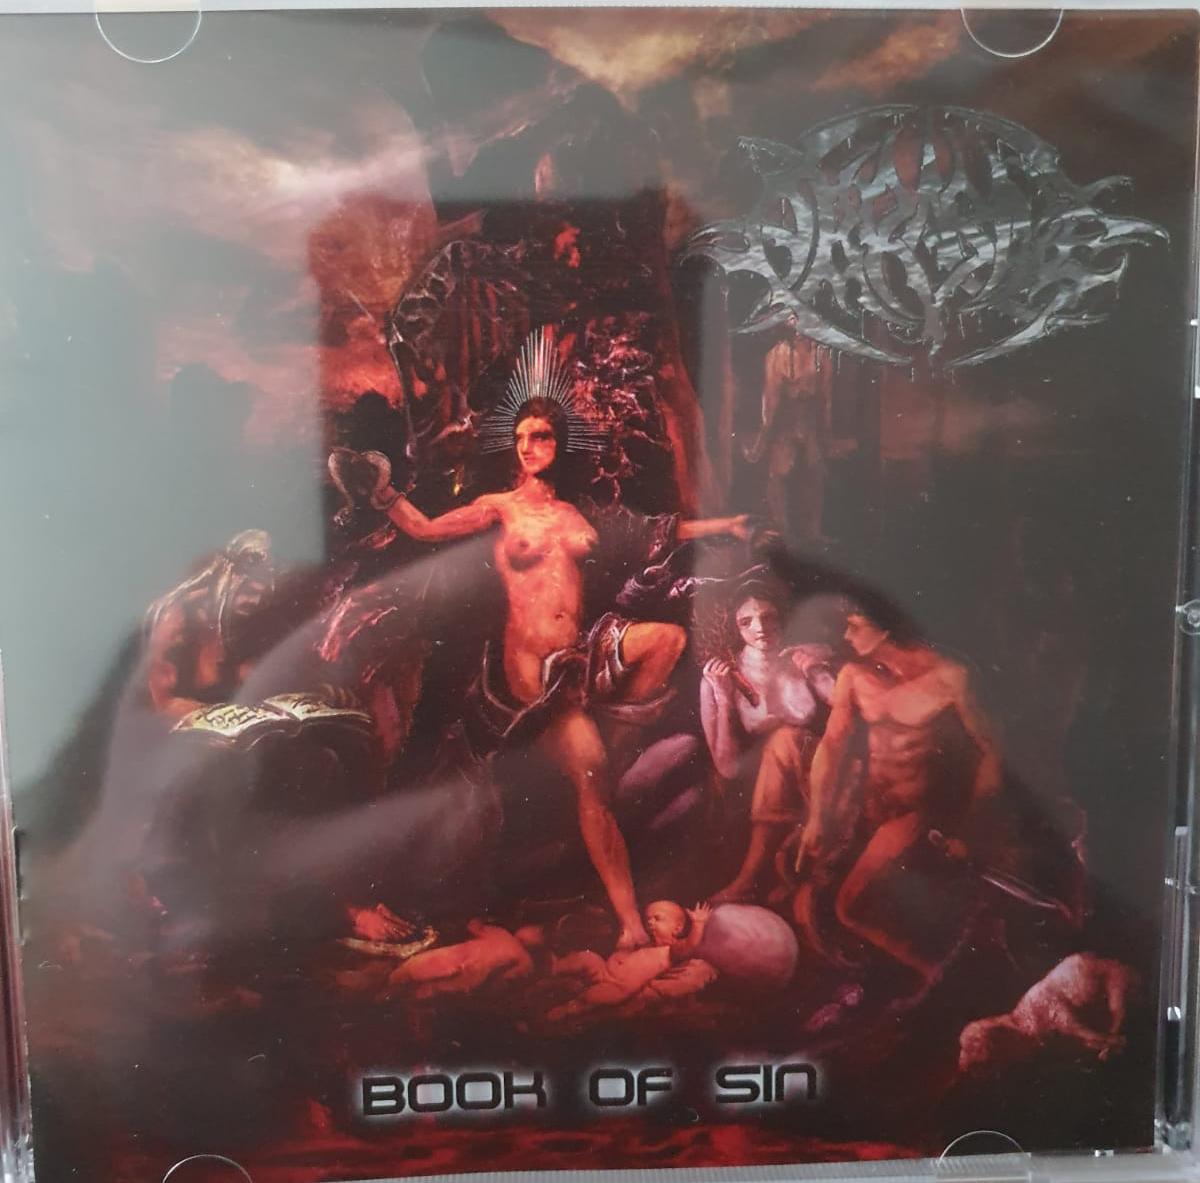 Abrasive - book of sin